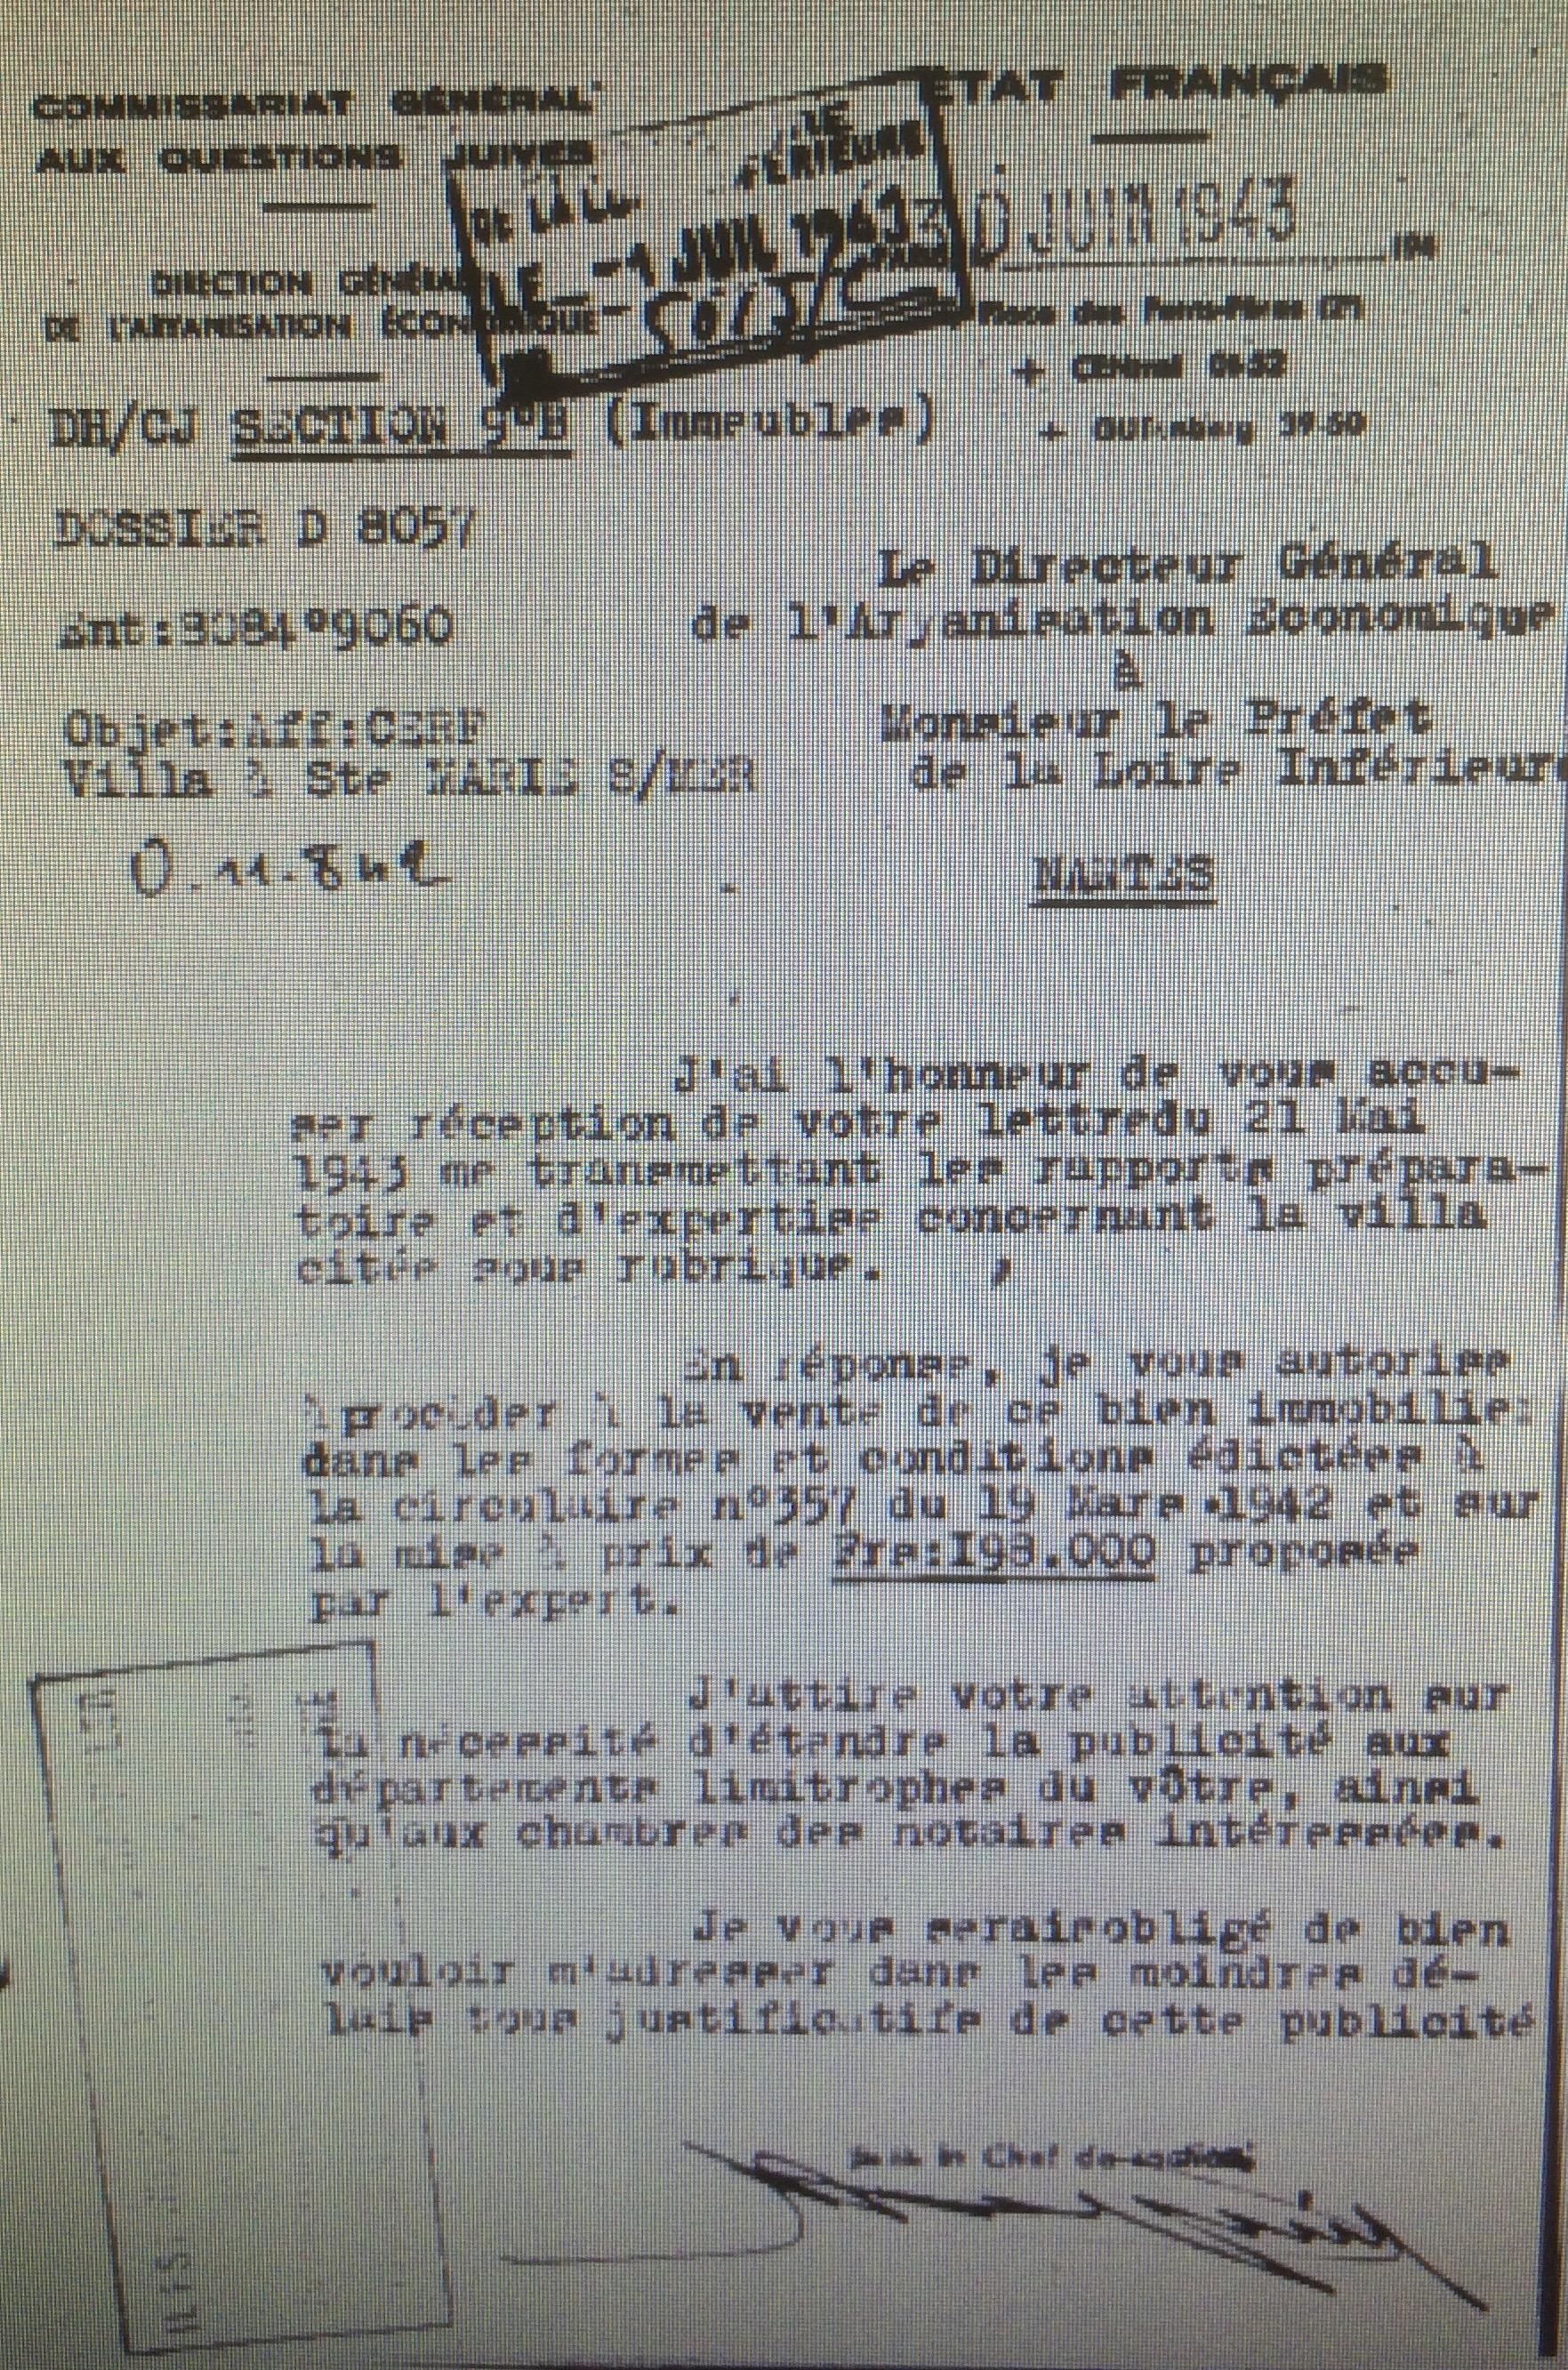 Lettre du CGQJ au Préfet de Loire-Inférieure 30 juin 1943 [AN AJ38/4599 dossier n°8057]